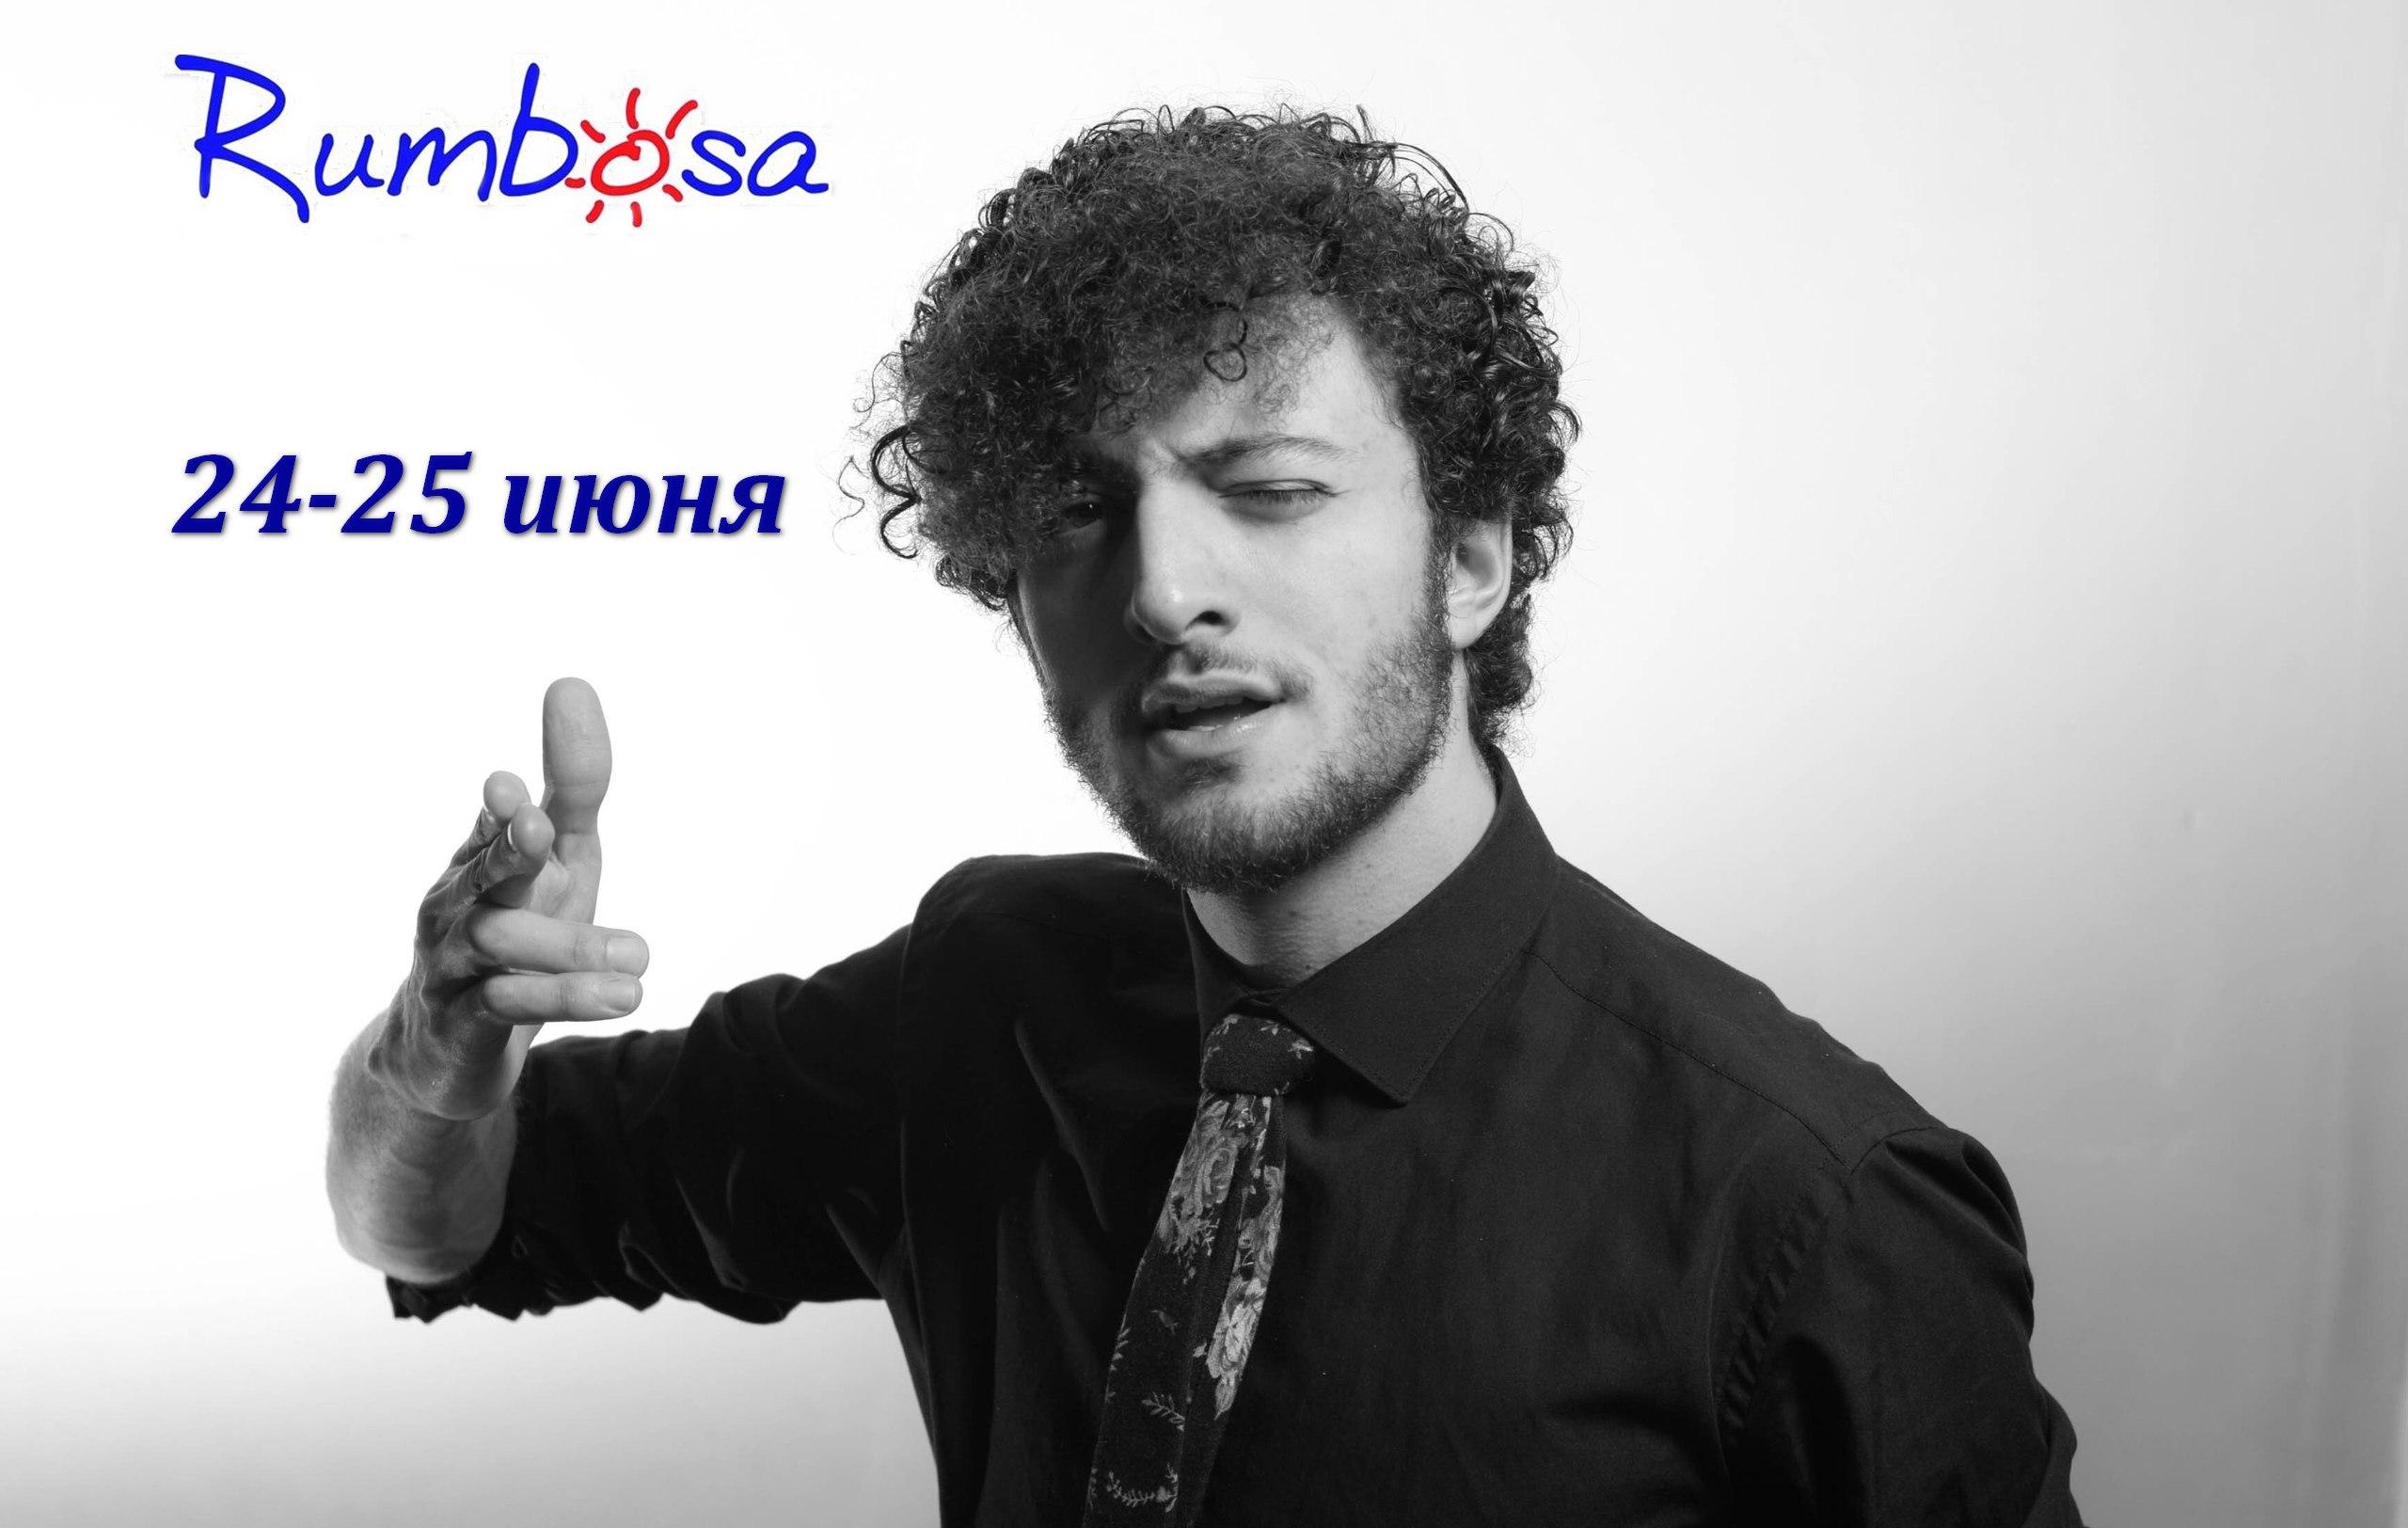 Фестиваль: Сергей Газарян в Саратове 24-25 июня!